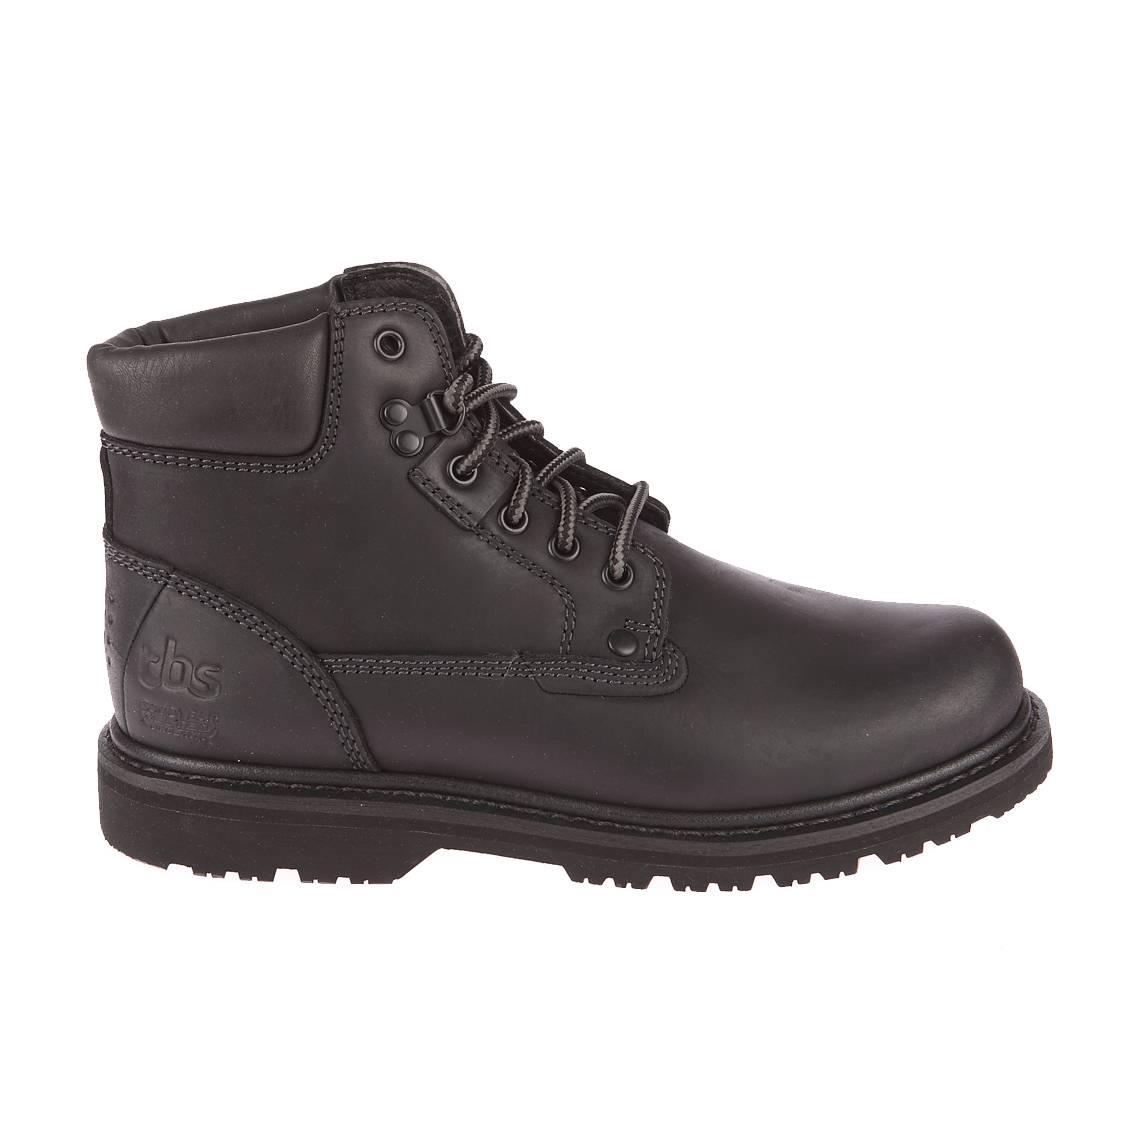 Chaussures montantes Sefano TBS en cuir noir | Rue Des Hommes